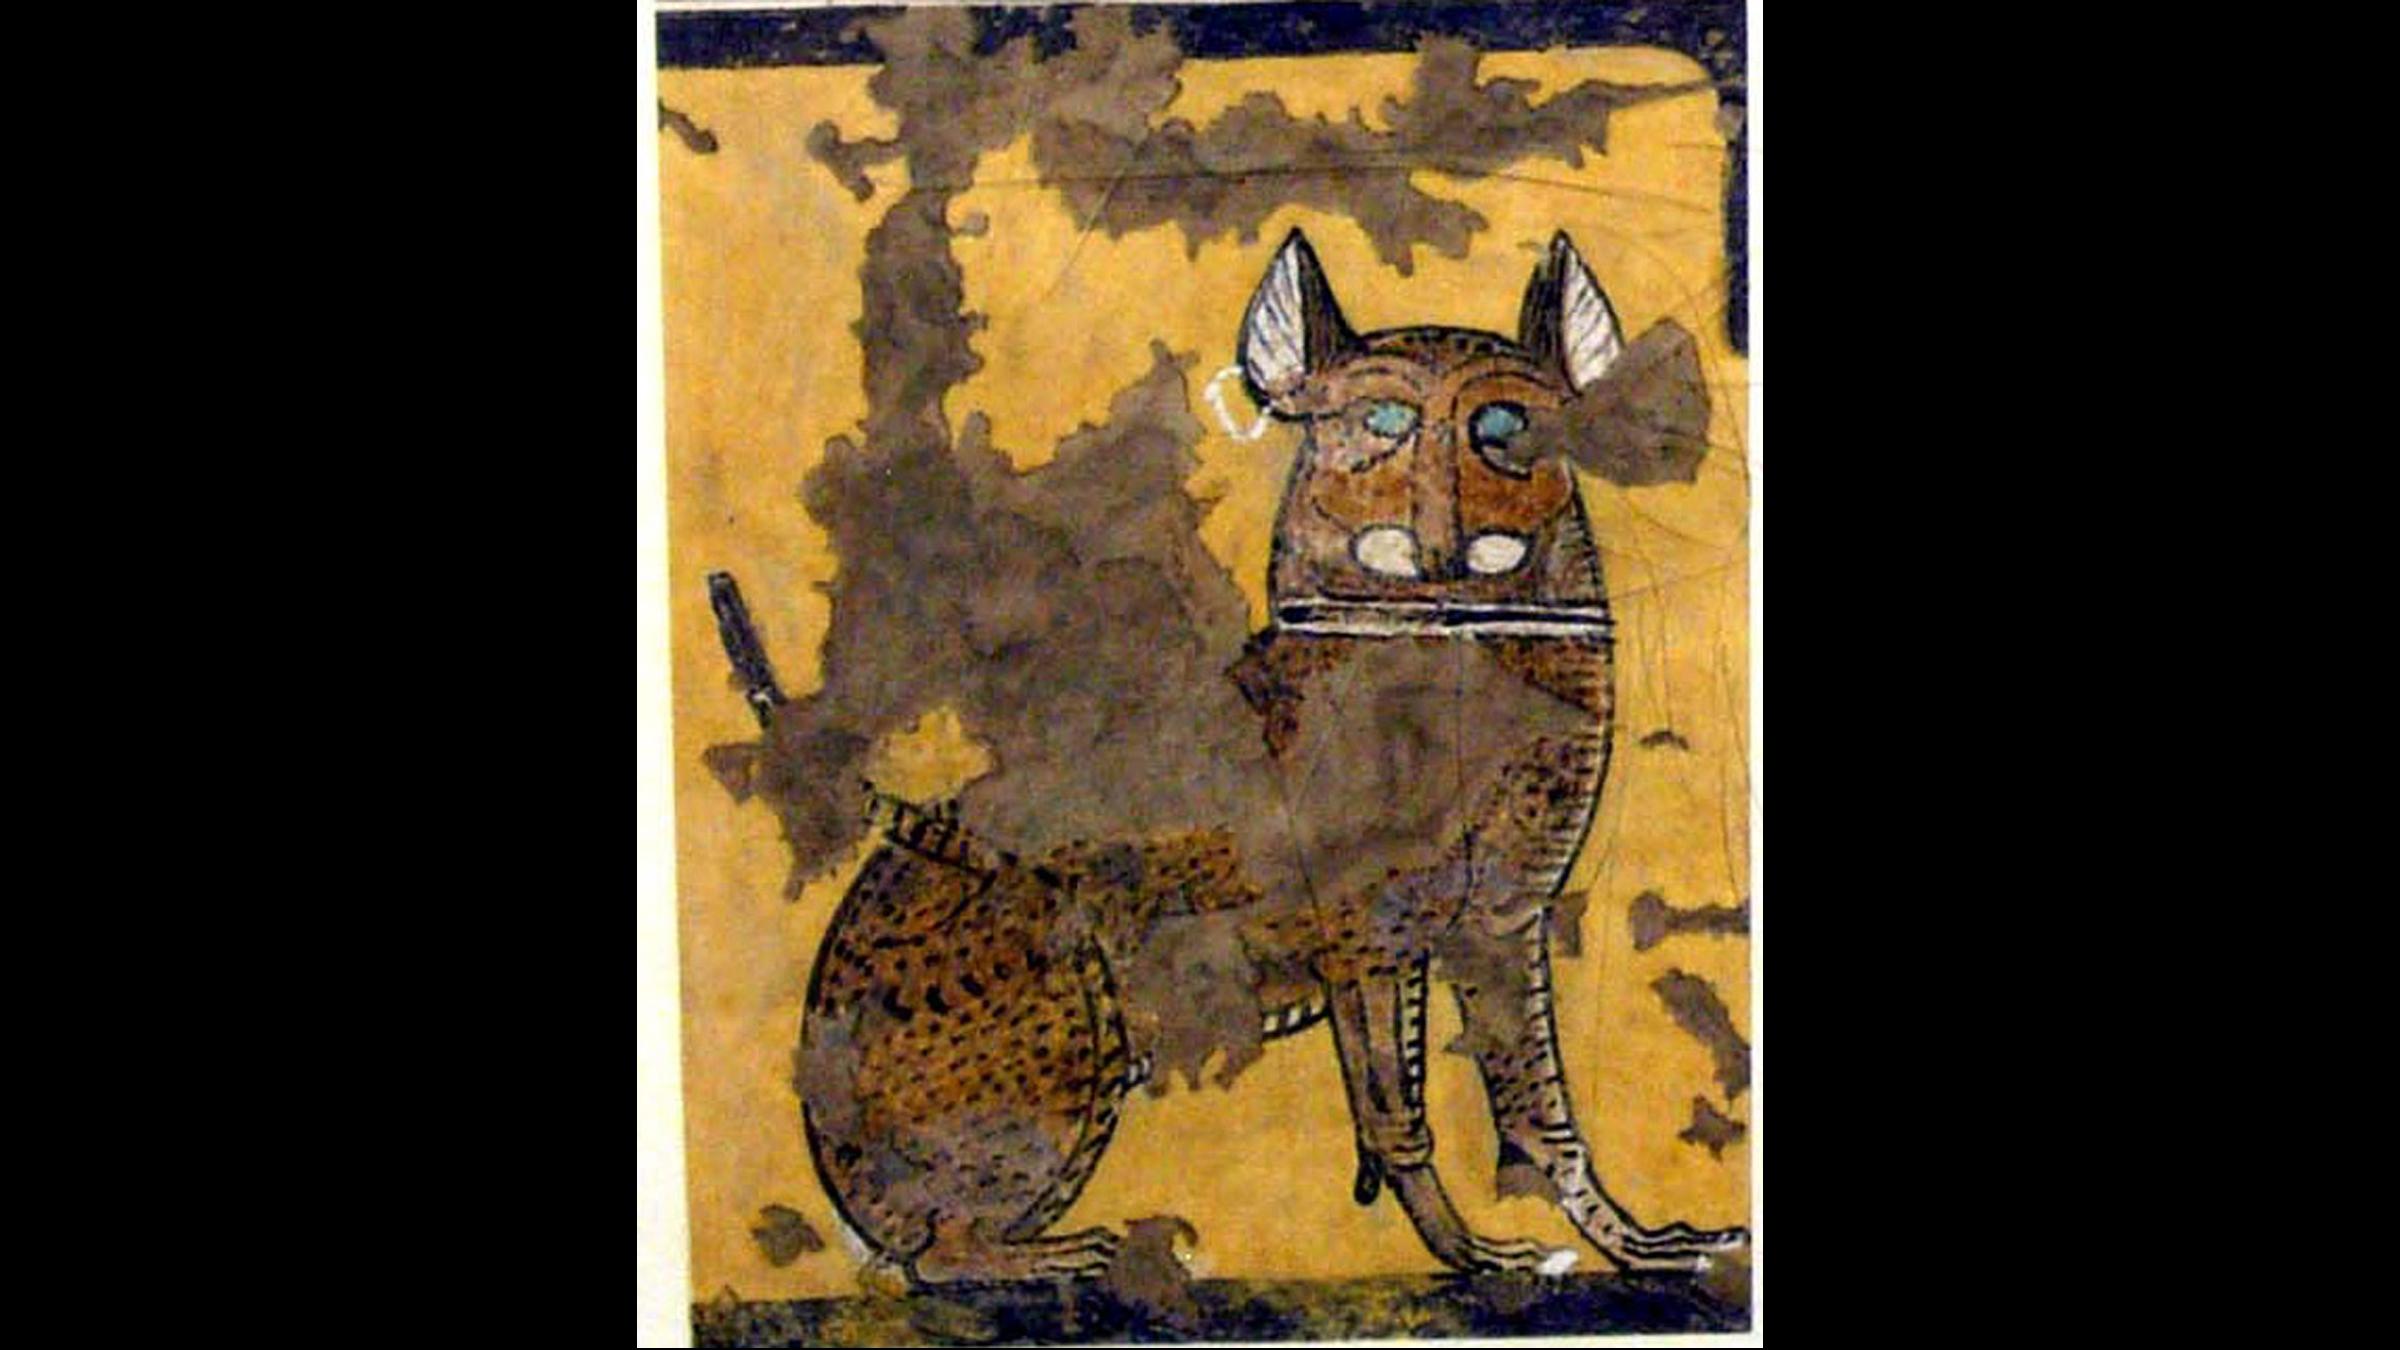 Cette peinture d'un chat assis sous une chaise a été trouvée dans le tombeau d'Ipuy, et date du Nouvel Empire / Ramesside (1295-1213 avant JC).